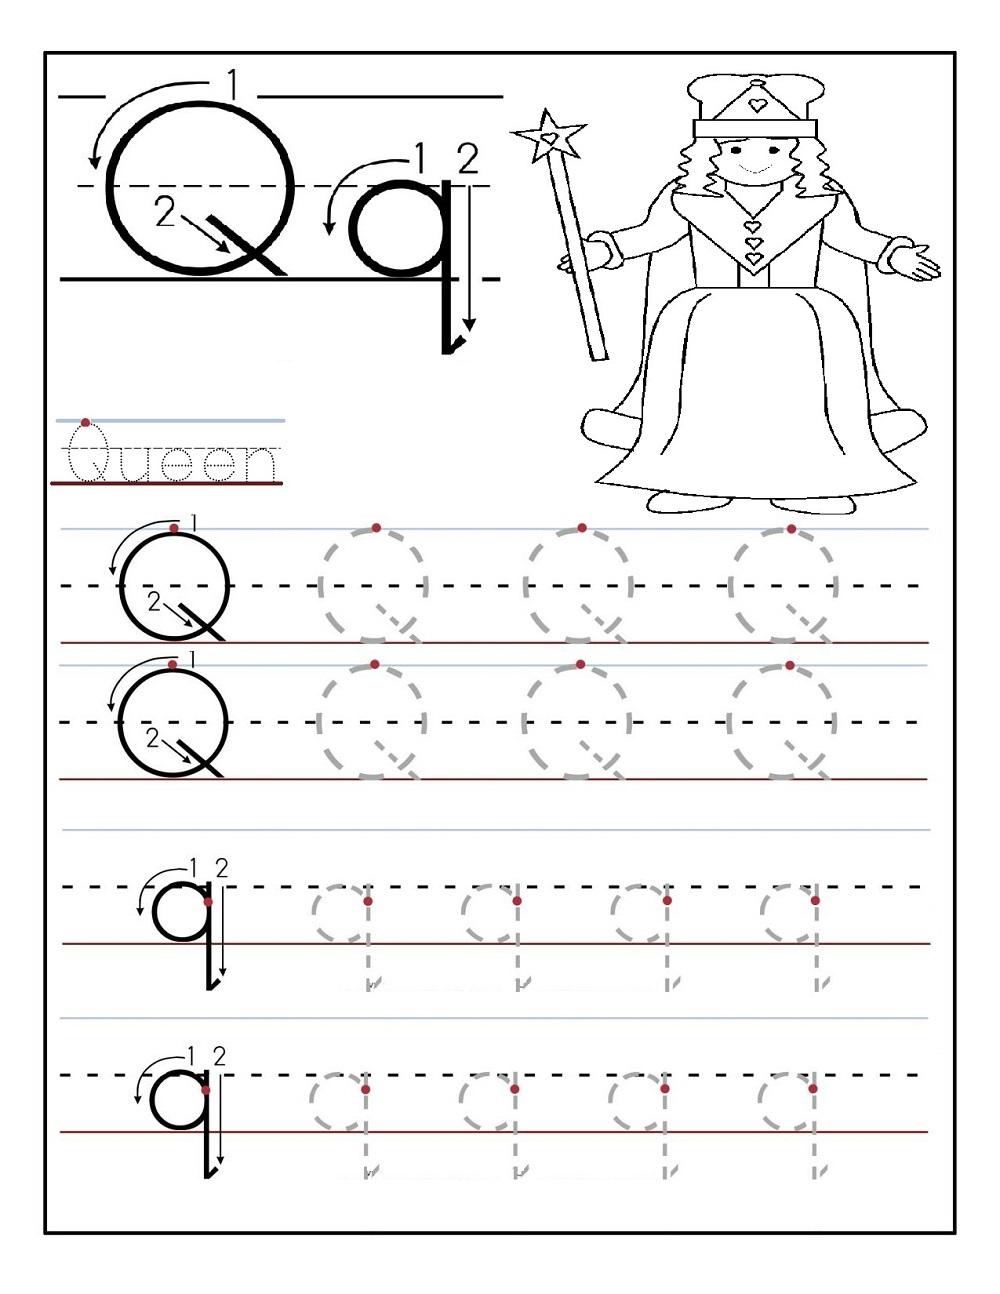 preschool traceables activity